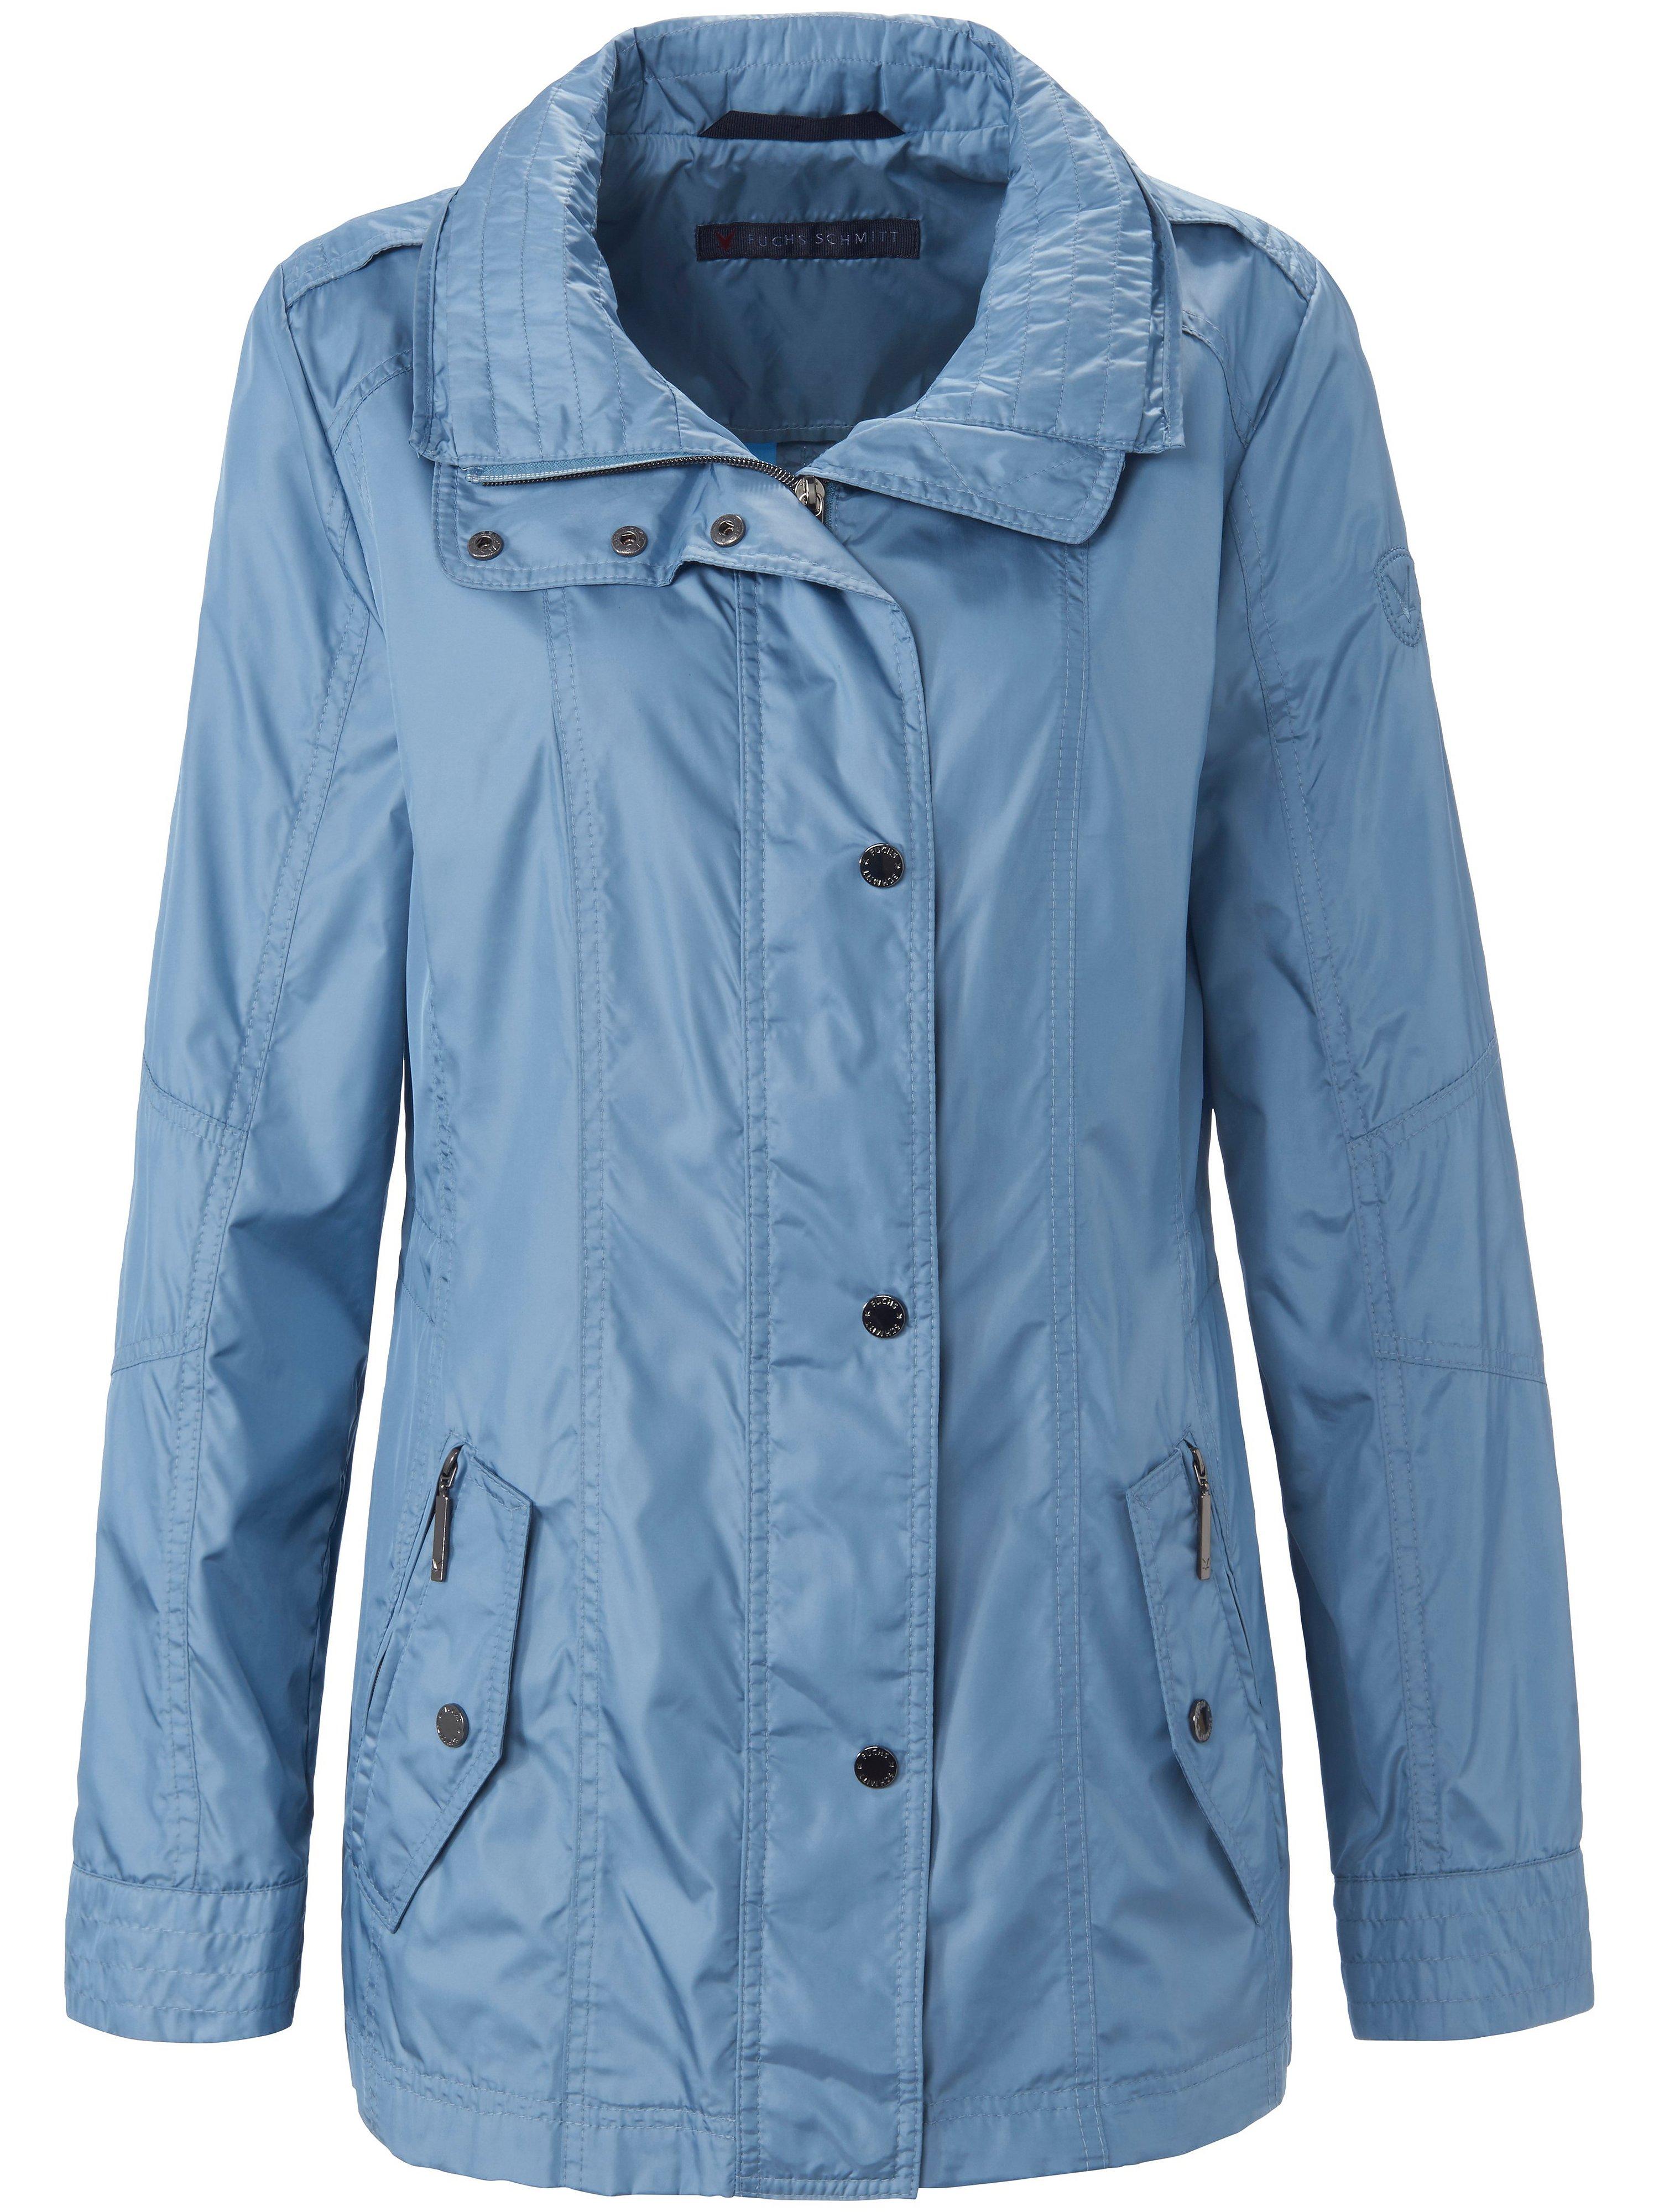 Functional jacket Fuchs & Schmitt blue